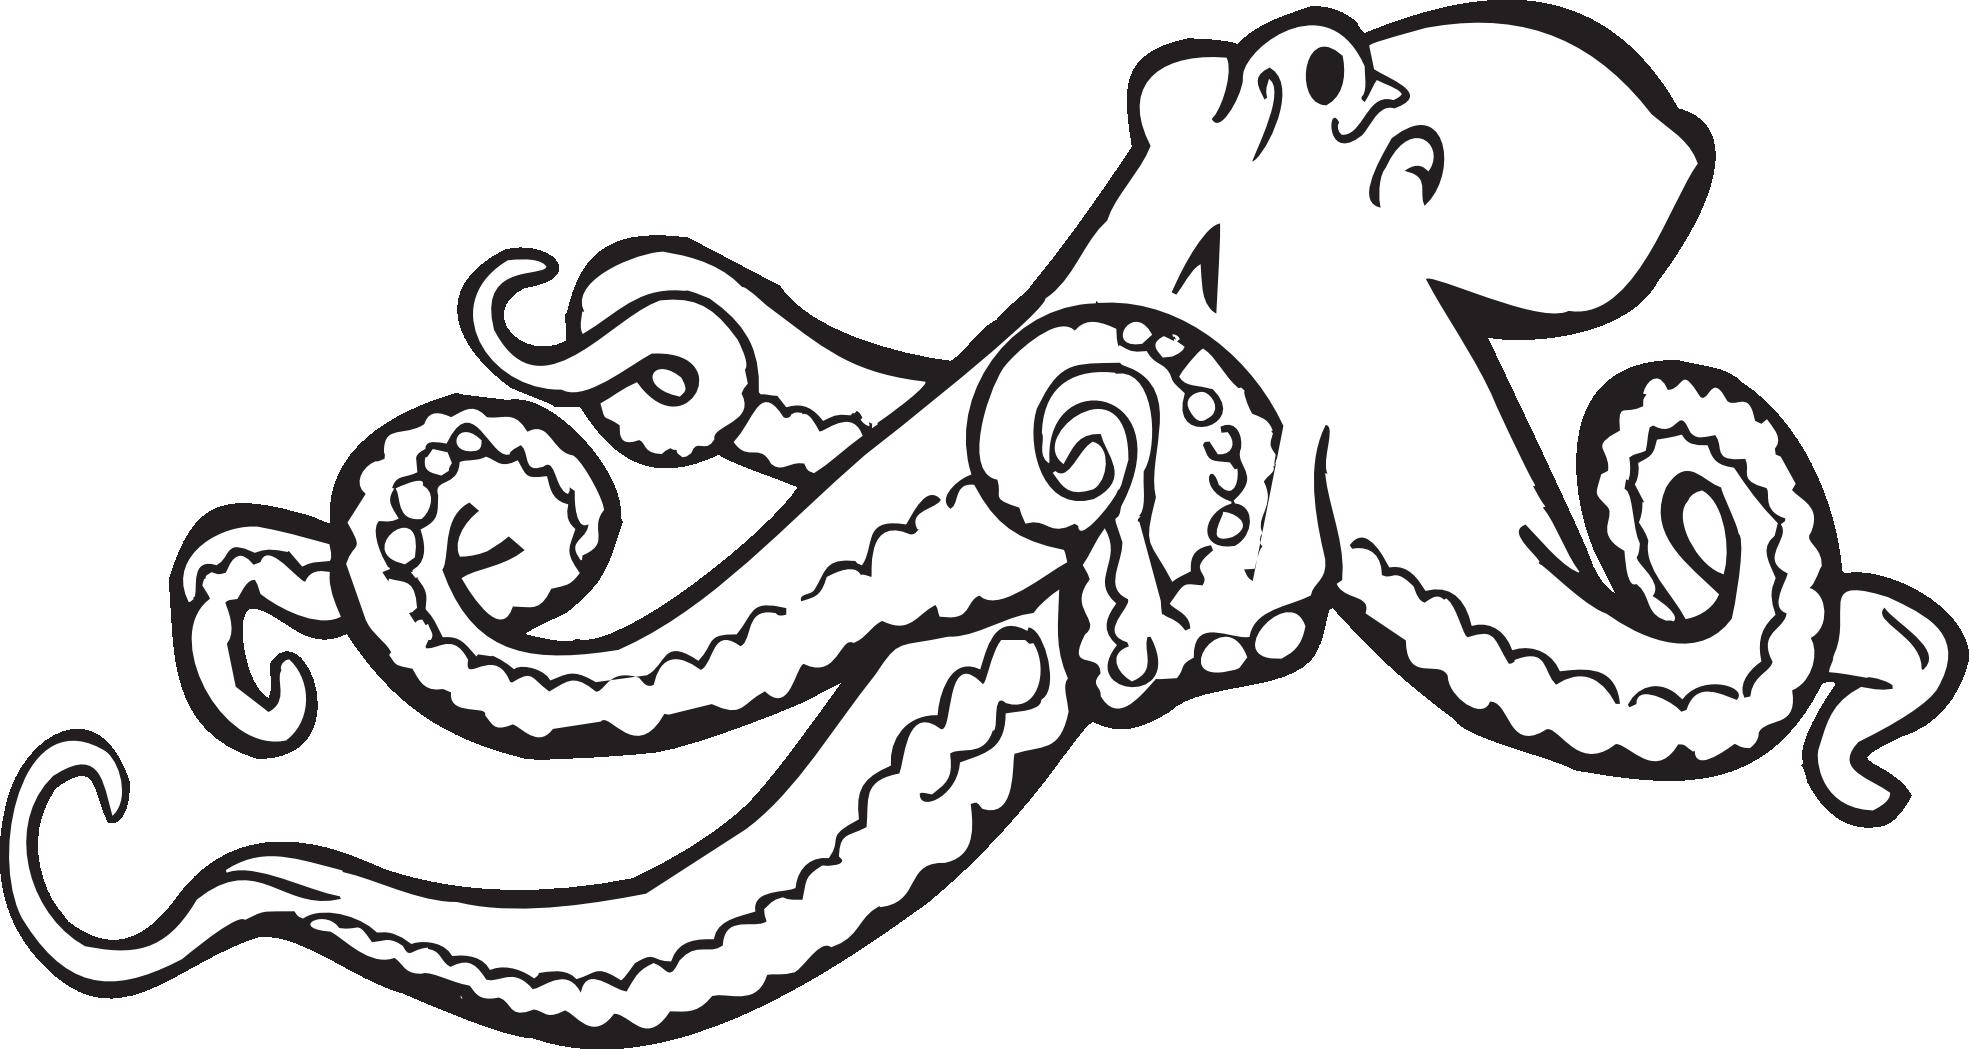 Clipart octopus kraken. Cool black and white